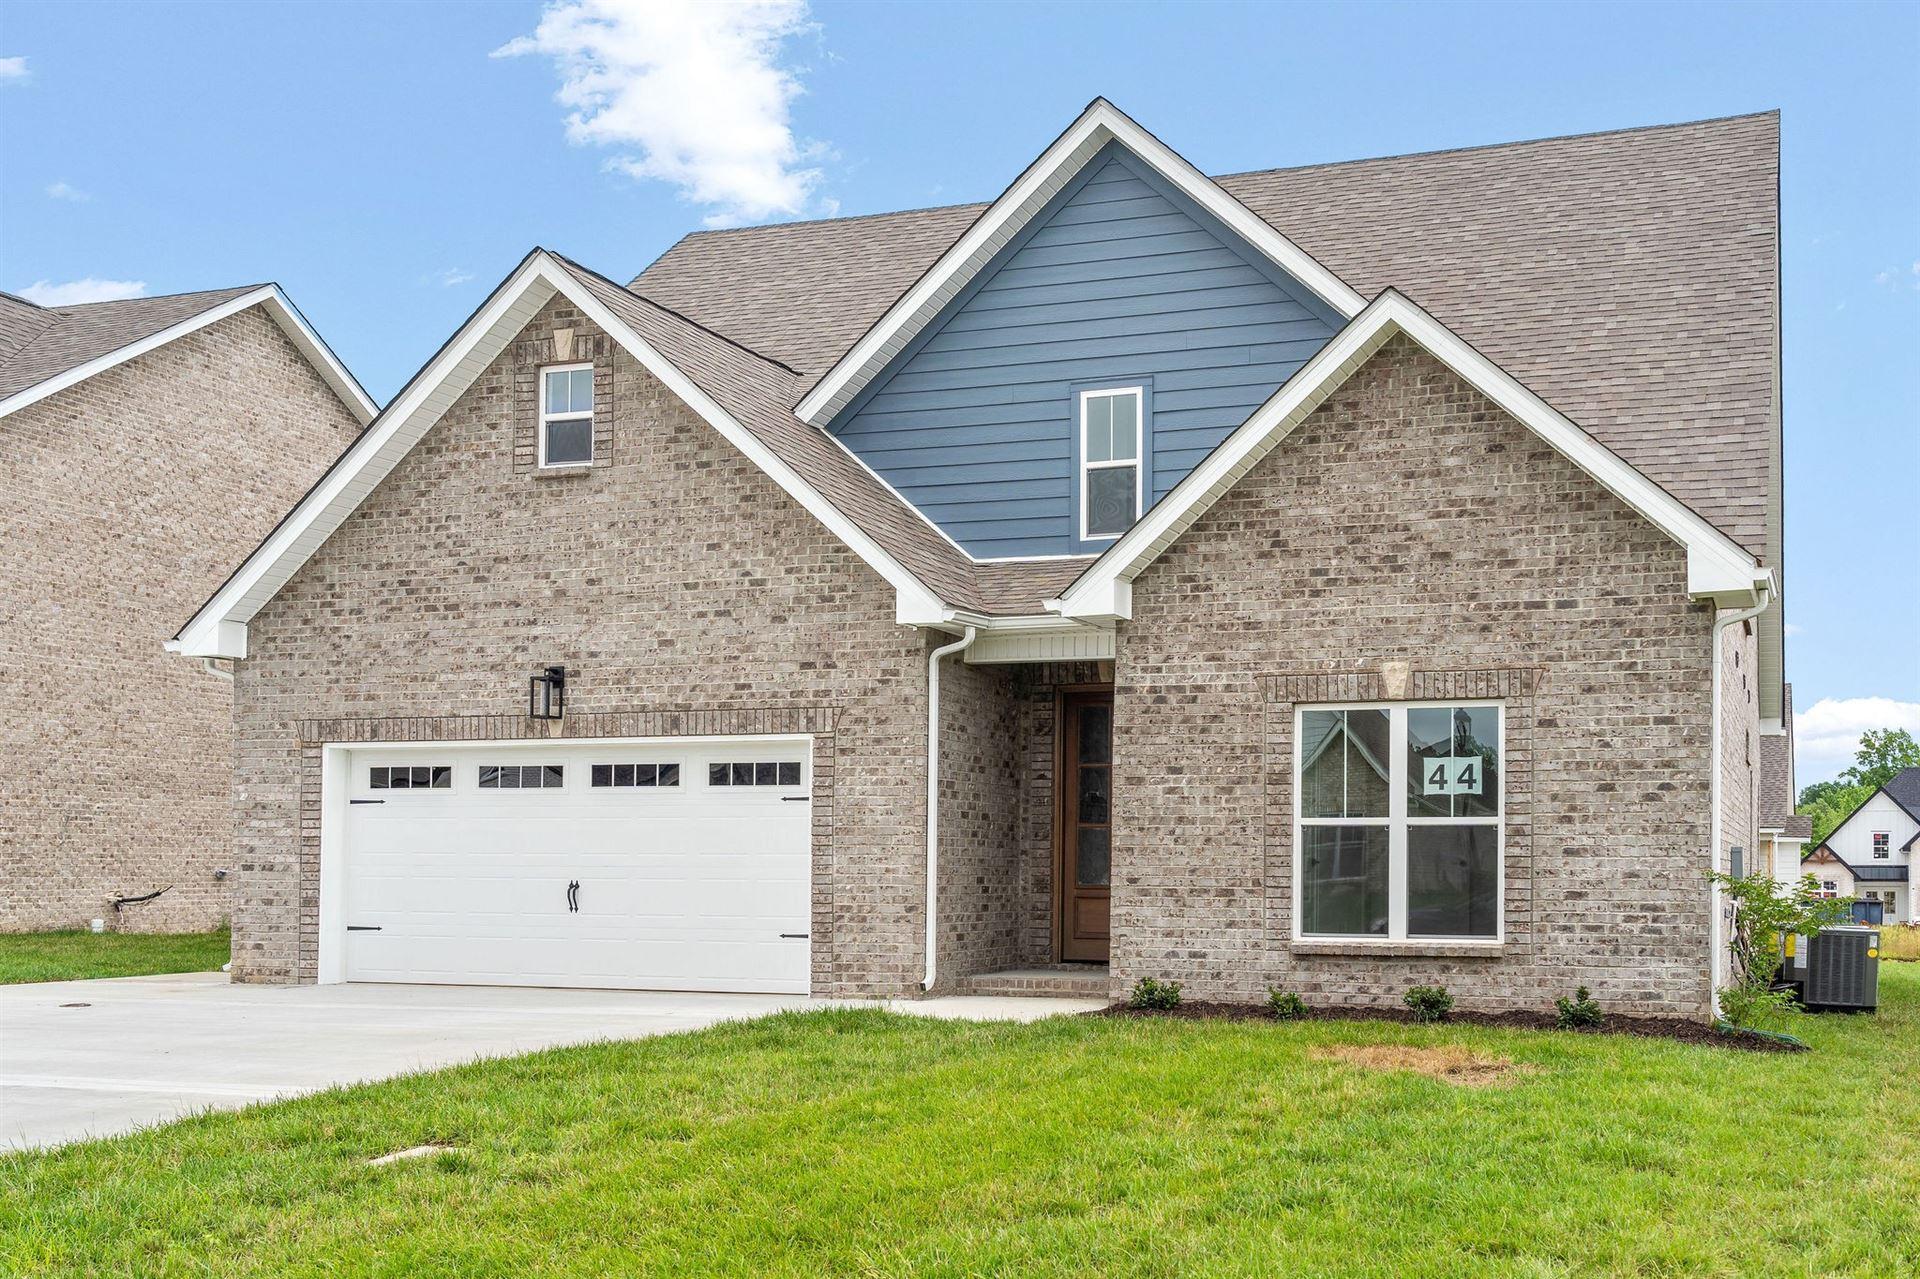 1433 Hereford Blvd, Clarksville, TN 37043 - MLS#: 2238632